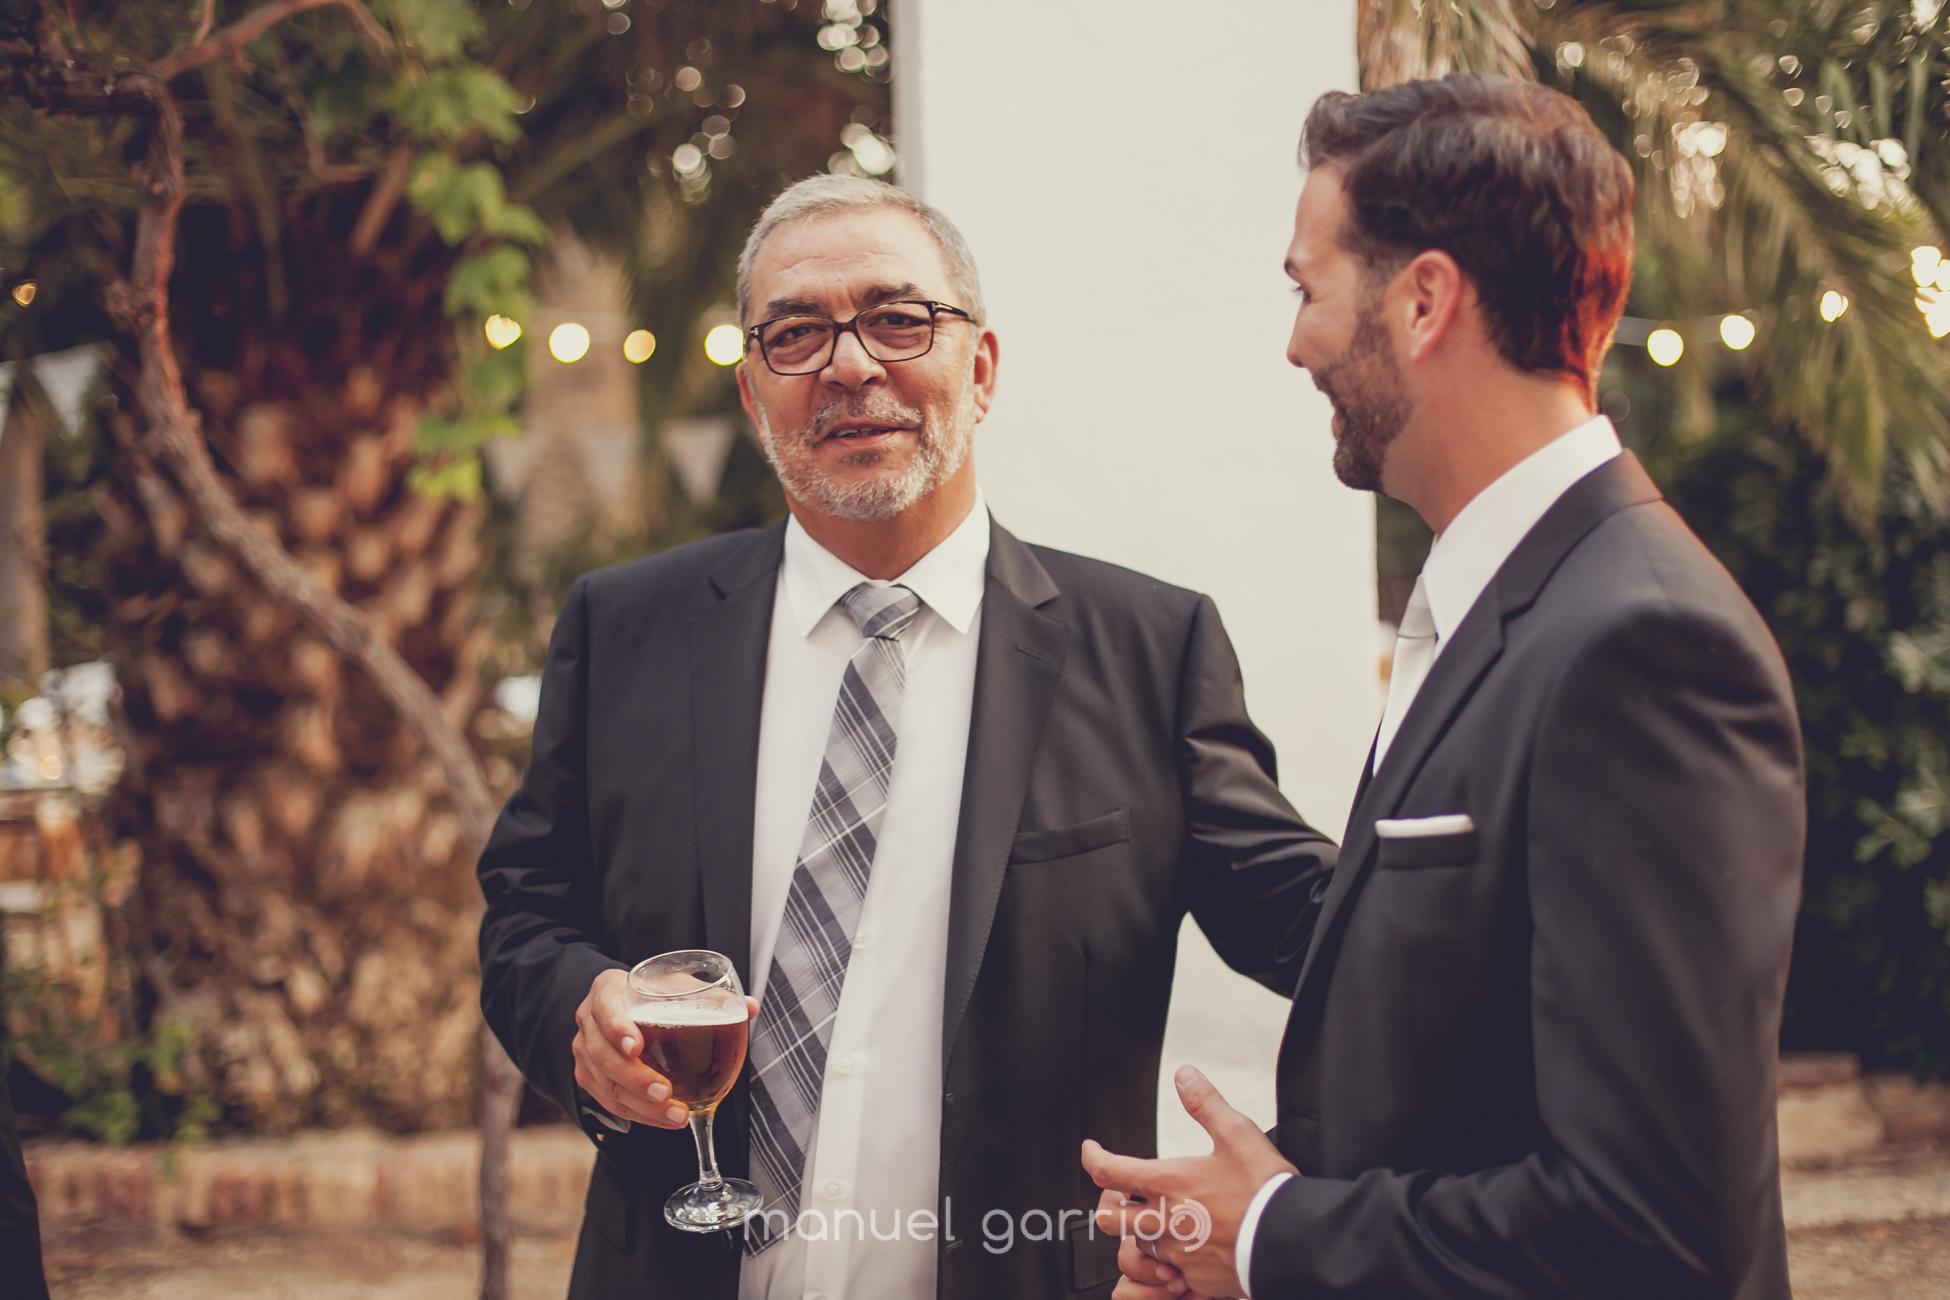 Boda_Alqueria_El_Machistre_Valencia-Manuel_Garrido-Carlos_y_Celia-105